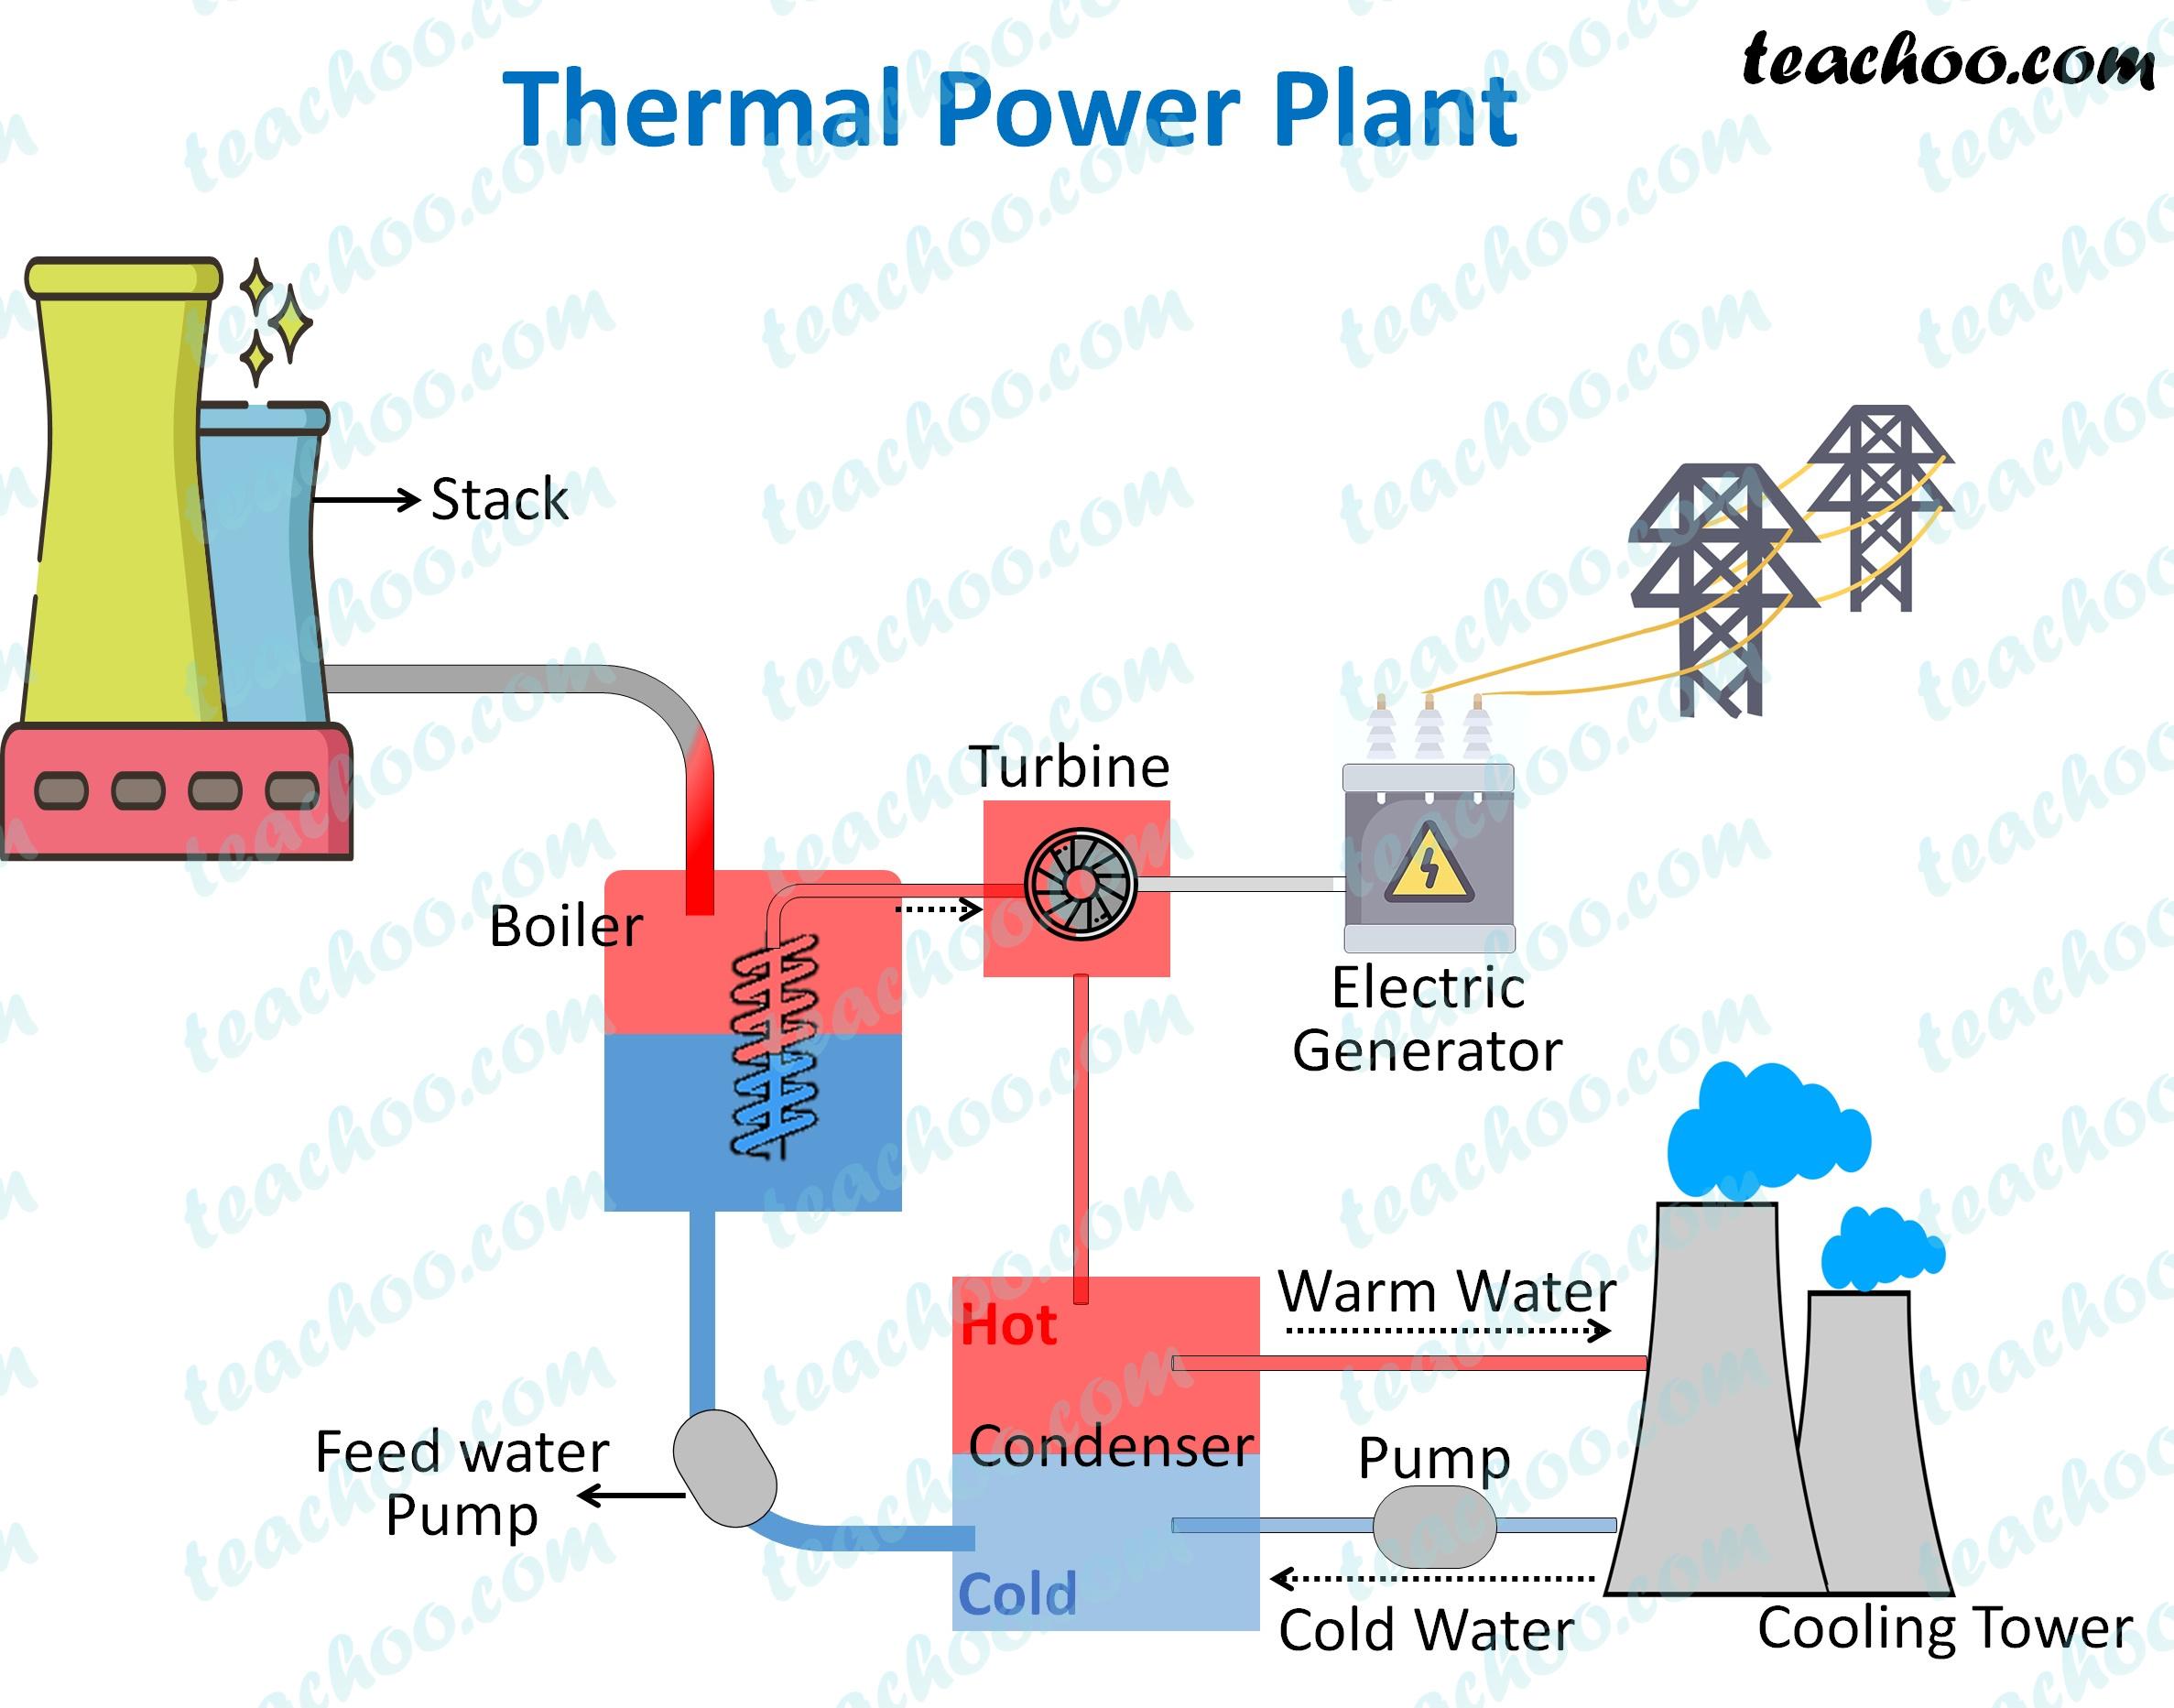 thermal-power-plant---teachoo.jpg